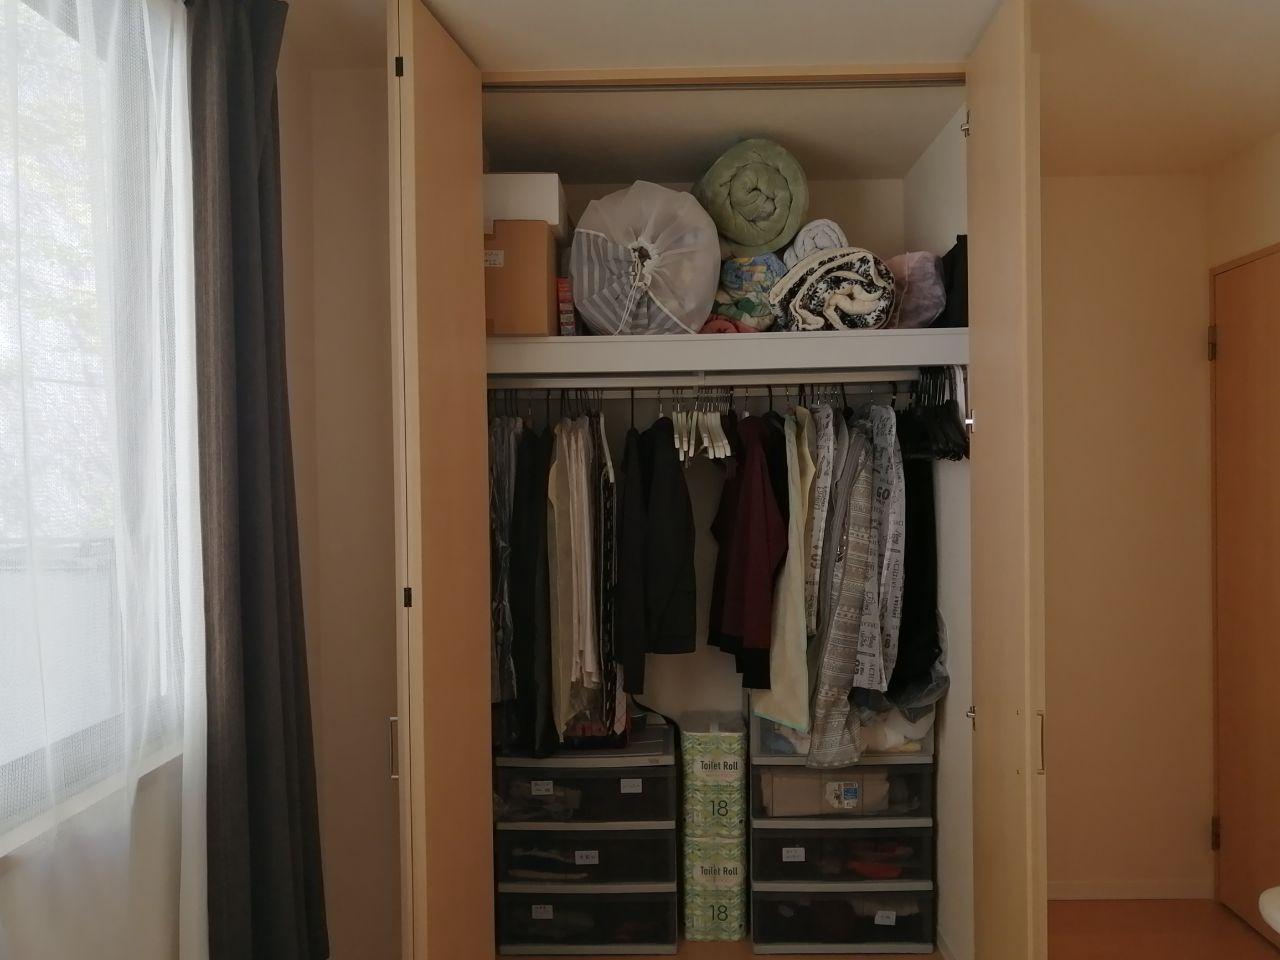 押し入れが無い部屋の布団収納